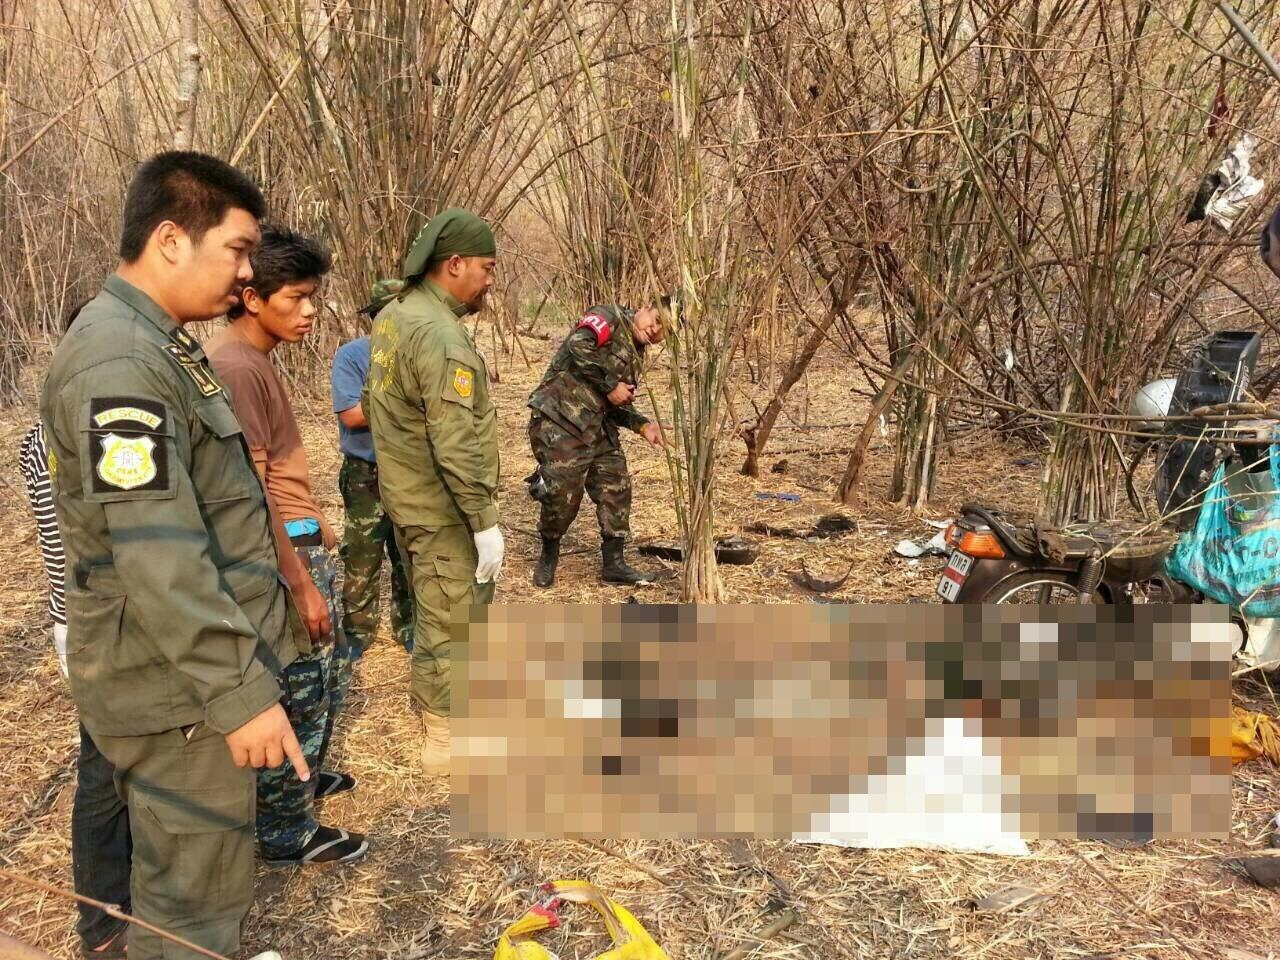 ลักลอบเข้าป่า จ.ลพบุรี นำลูกปืนใหญ่มาทุบเกิดระเบิดเสียชีวิตทันที 3 คน